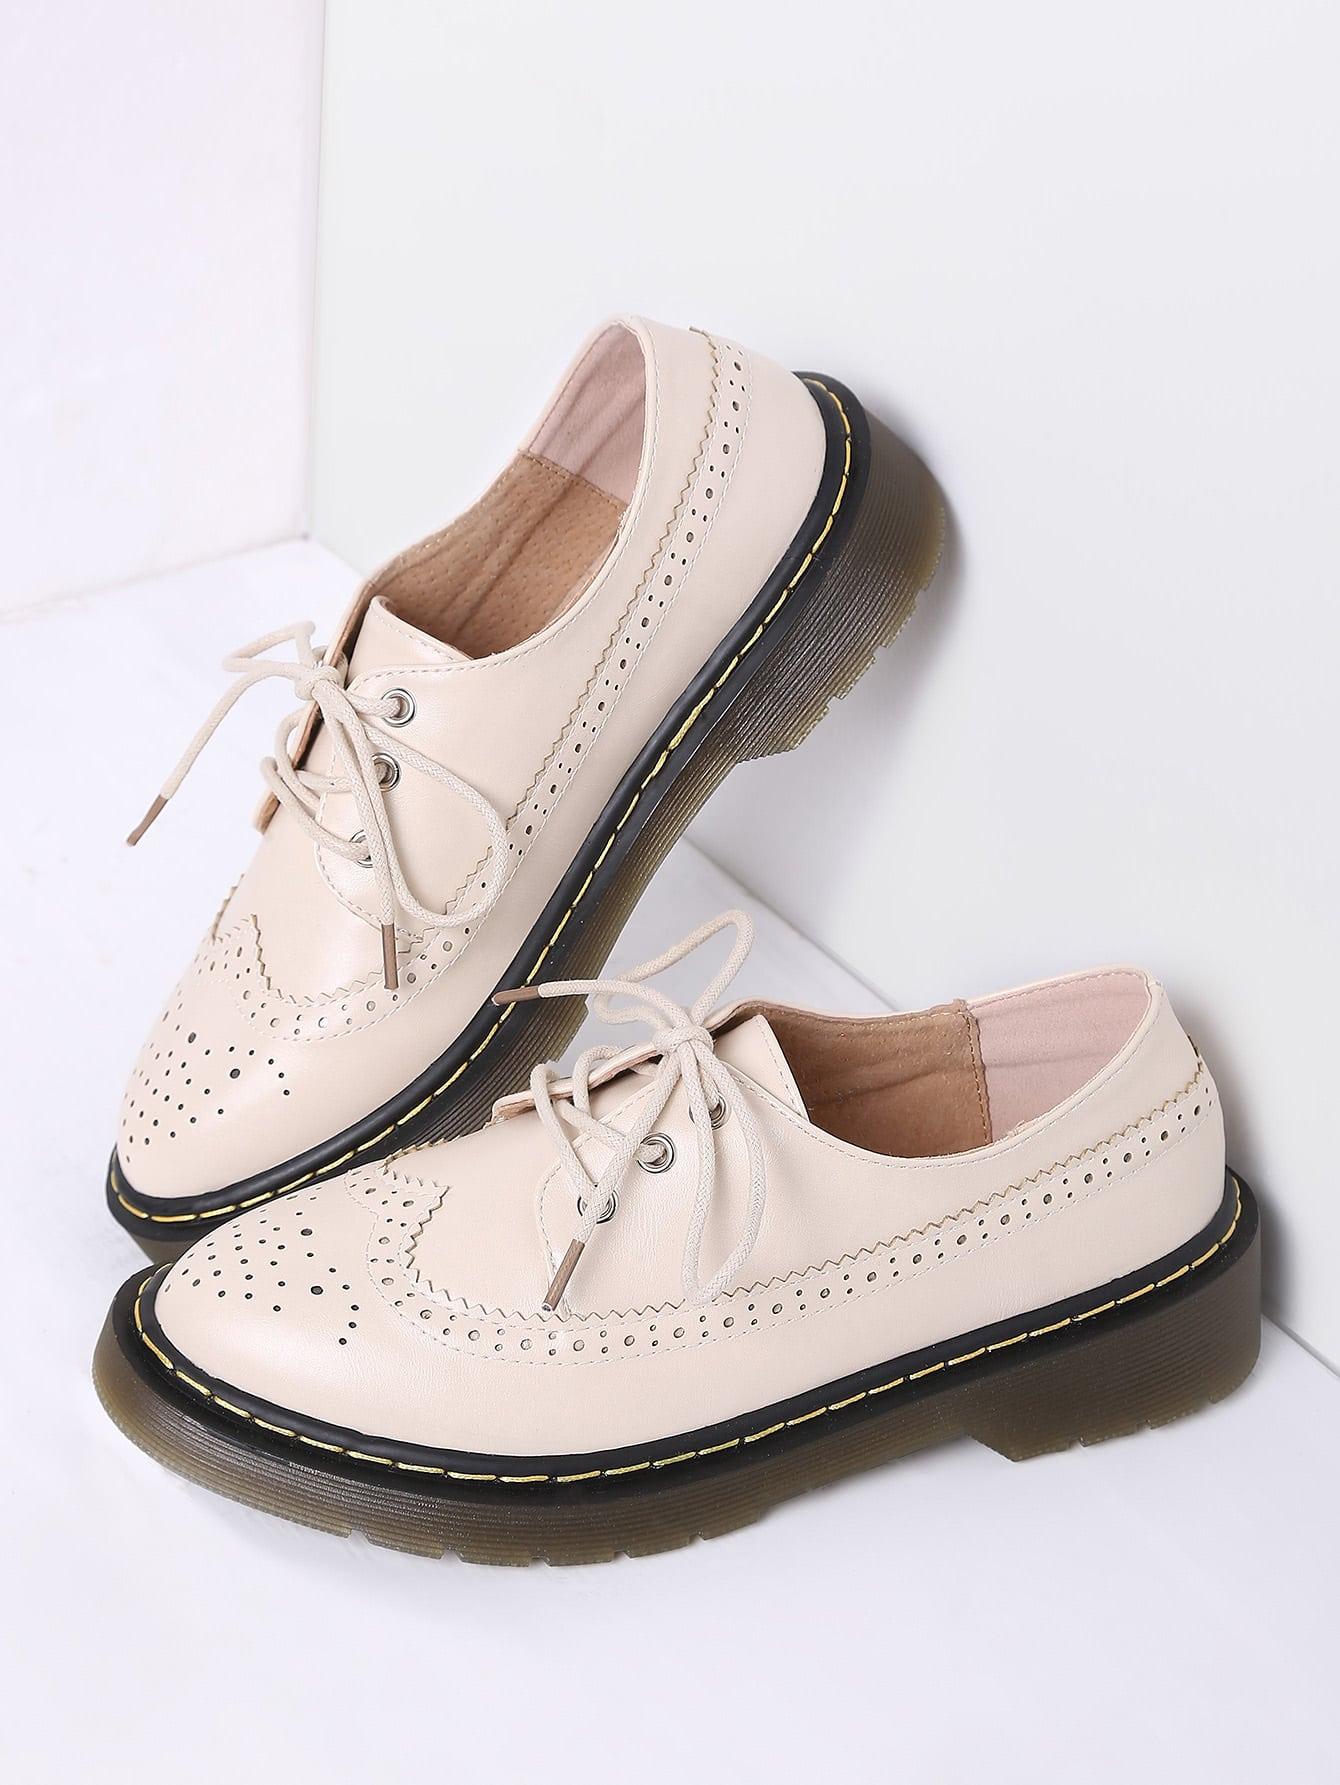 shoes170222806_2